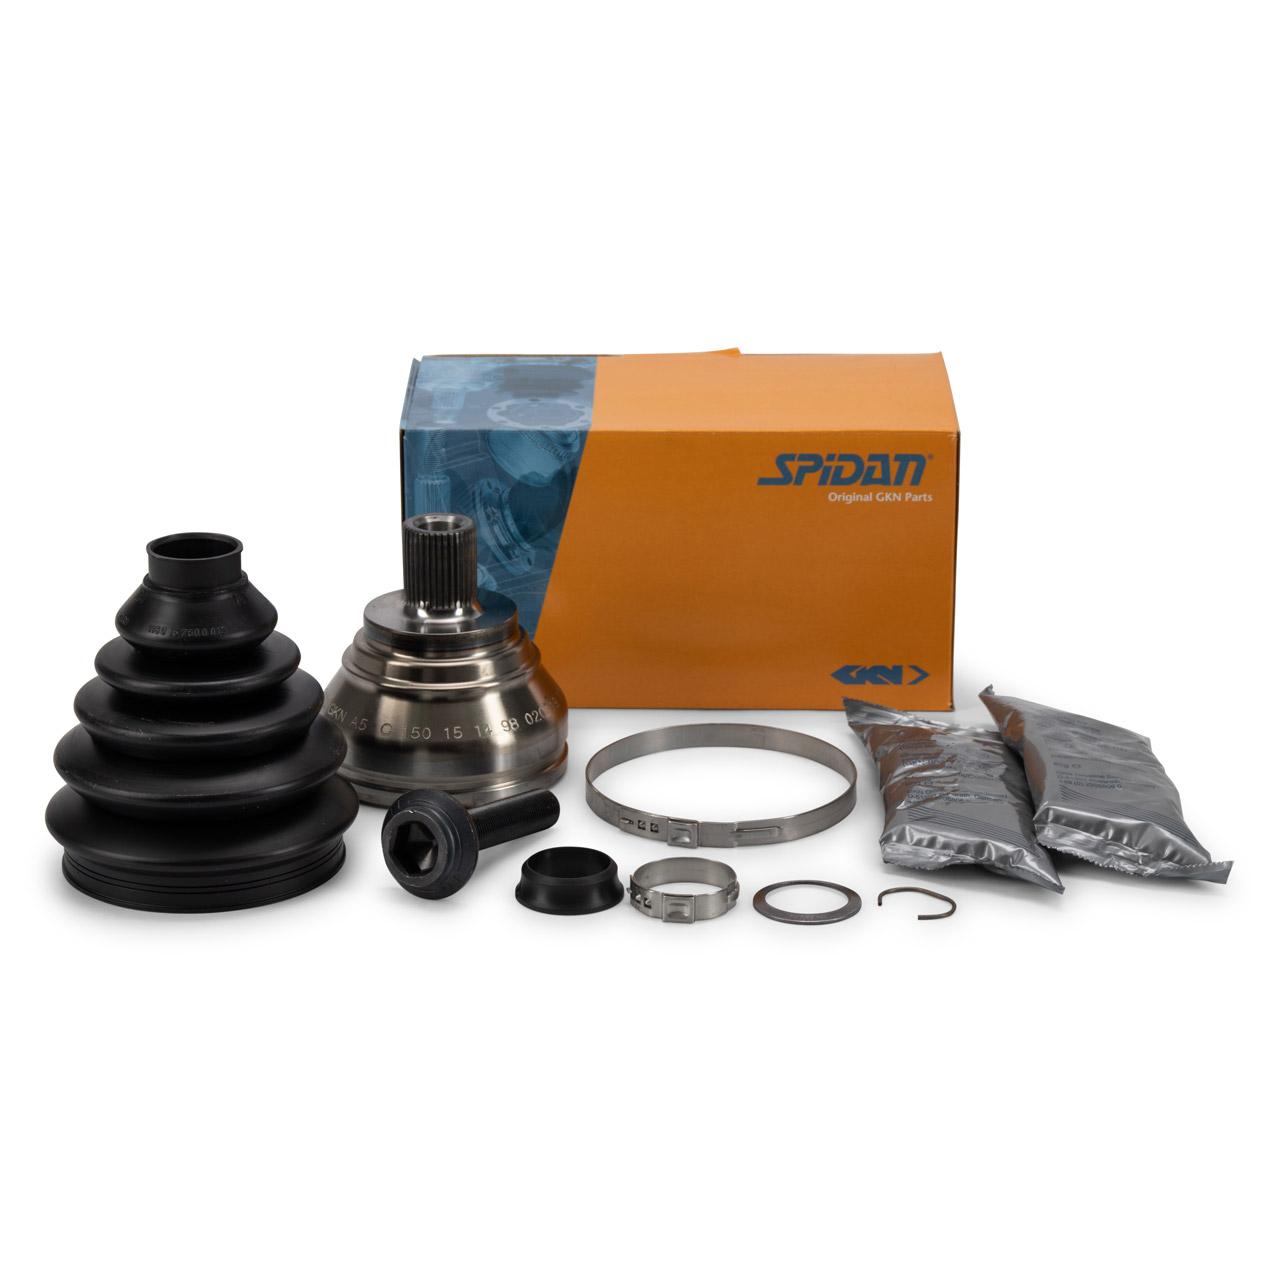 SPIDAN Antriebsgelenk Gelenksatz AUDI A1 A3 Q3 VW Golf 5 6 Eos vorne radseitig 1K0498099J